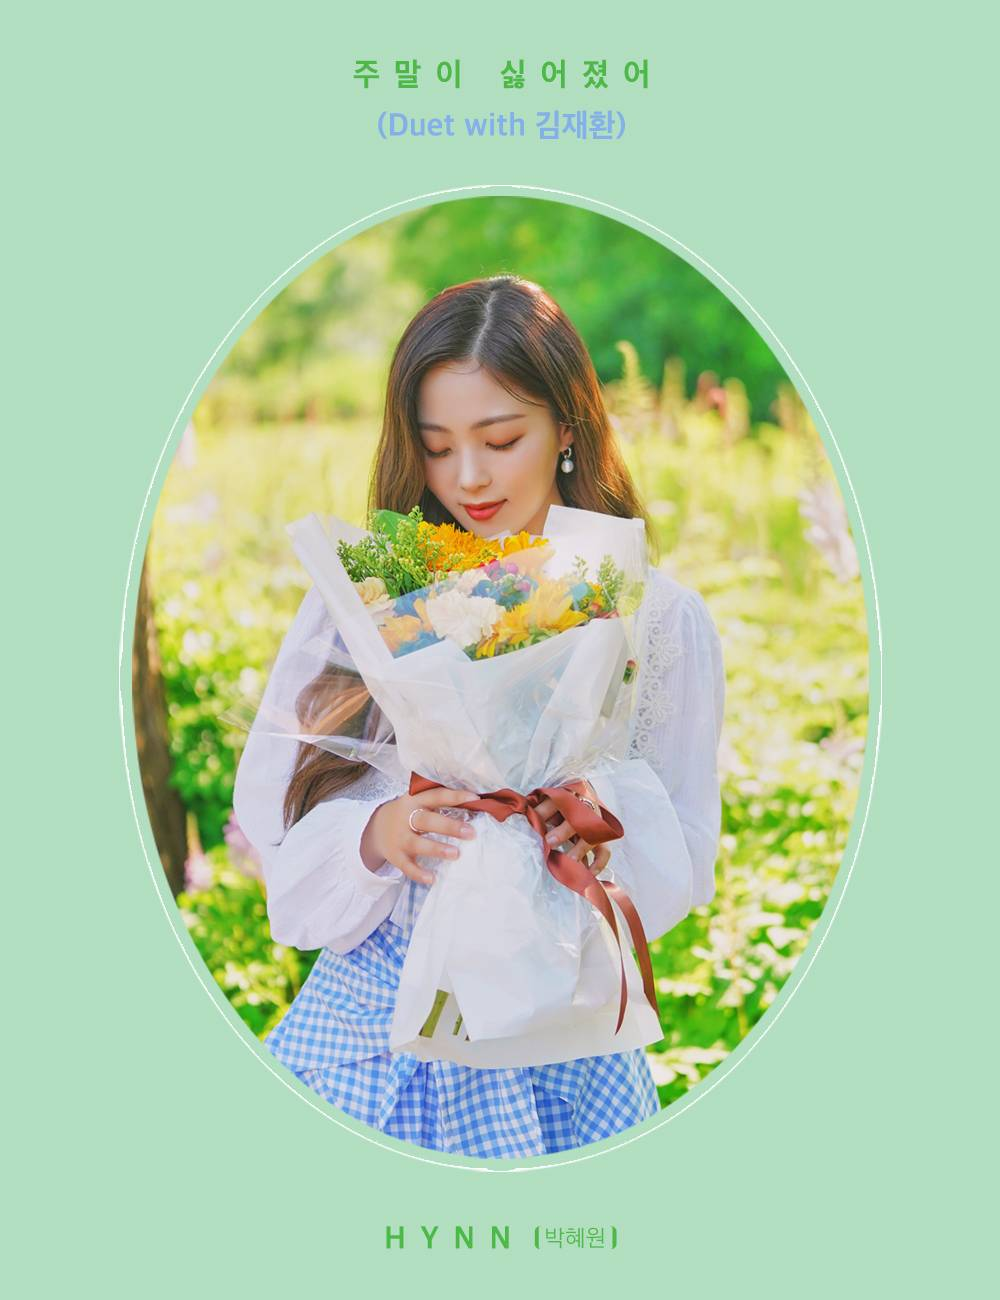 15일(목), HYNN(박혜원)+김재환 듀엣 앨범 '주말이 싫어졌어' 발매 | 인스티즈